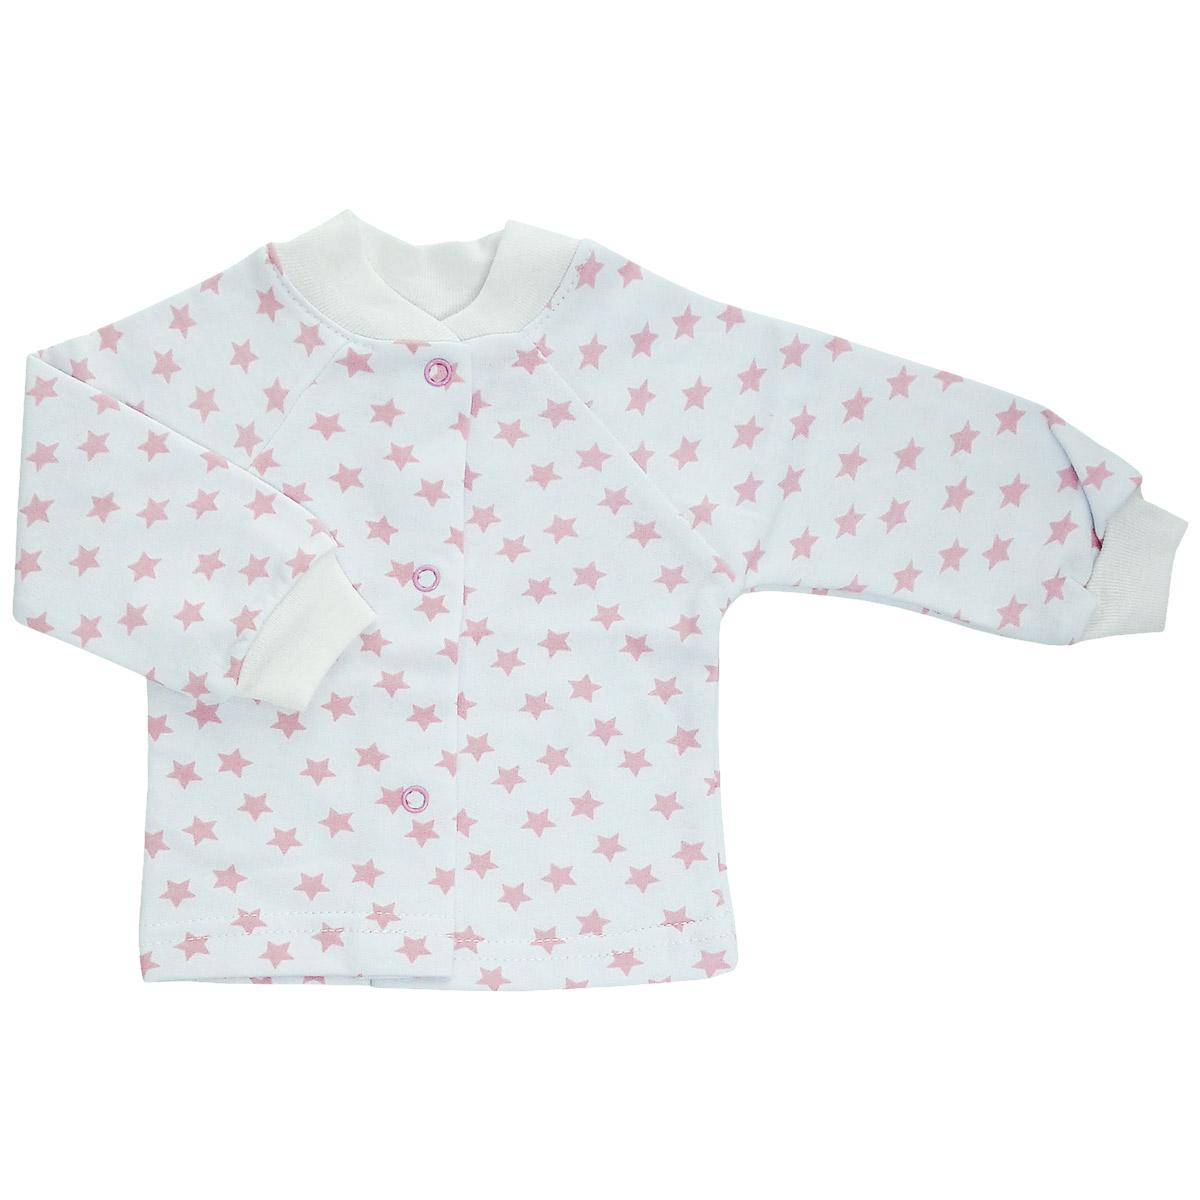 Кофточка детская Трон-Плюс, цвет: белый, розовый, рисунок звезды. 5174. Размер 56, 1 месяц5174Кофточка для новорожденного Трон-плюс с длинными рукавами и небольшим воротничком-стоечкой послужит идеальным дополнением к гардеробу вашего ребенка, обеспечивая ему наибольший комфорт. Изготовленная из футера - натурального хлопка, она необычайно мягкая и легкая и теплая, не раздражает нежную кожу ребенка и хорошо вентилируется, а эластичные швы приятны телу малыша и не препятствуют его движениям. Удобные застежки-кнопки по всей длине помогают легко переодеть младенца. Рукава-реглан понизу дополнены трикотажными манжетами, не пережимающими ручку. Воротничок дополнен эластичной трикотажной резинкой. Кофточка полностью соответствует особенностям жизни ребенка в ранний период, не стесняя и не ограничивая его в движениях.